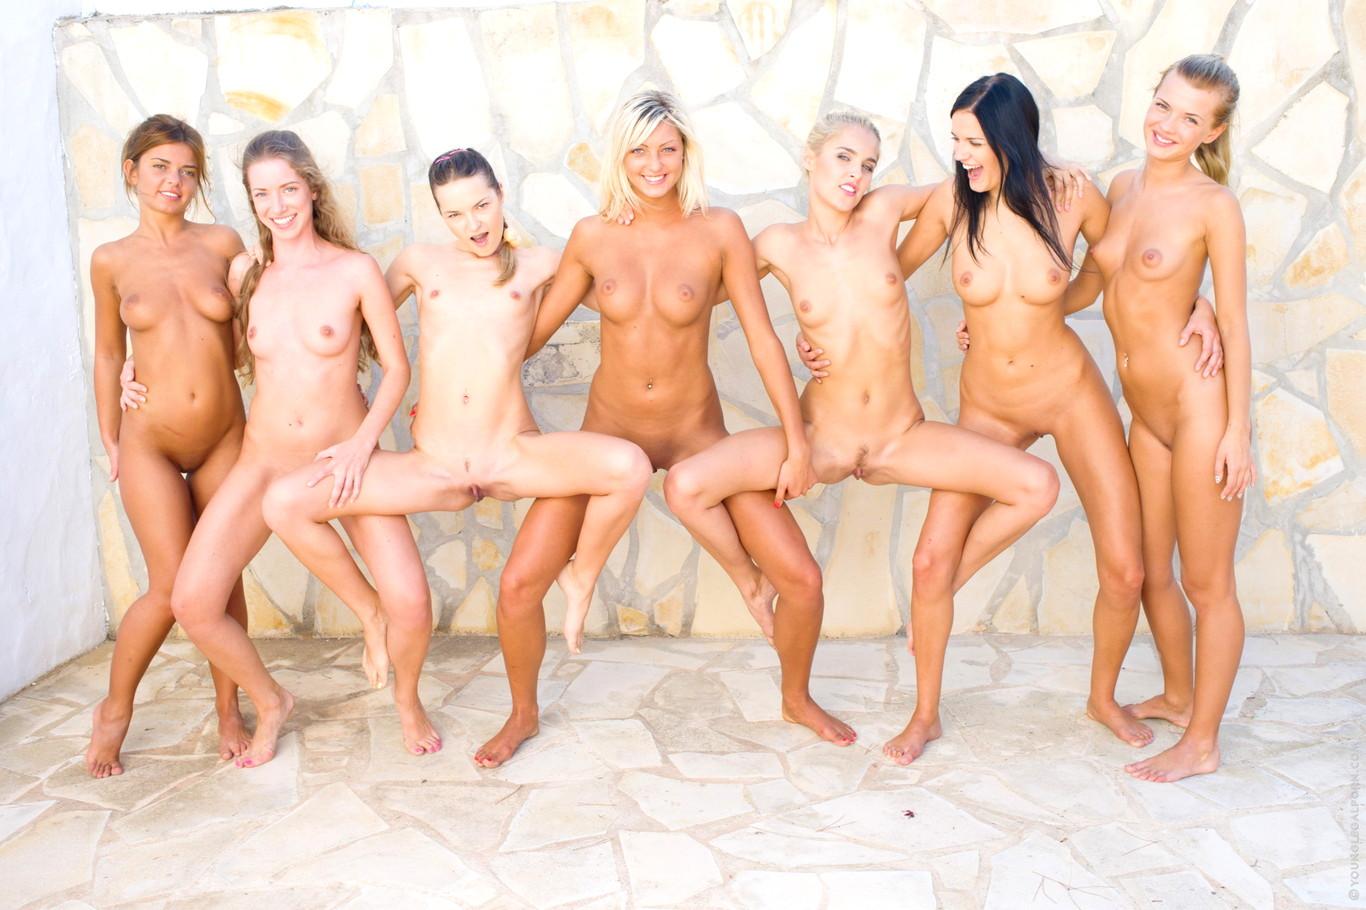 julkkisten alastonkuvia sihteeriopiston naiset